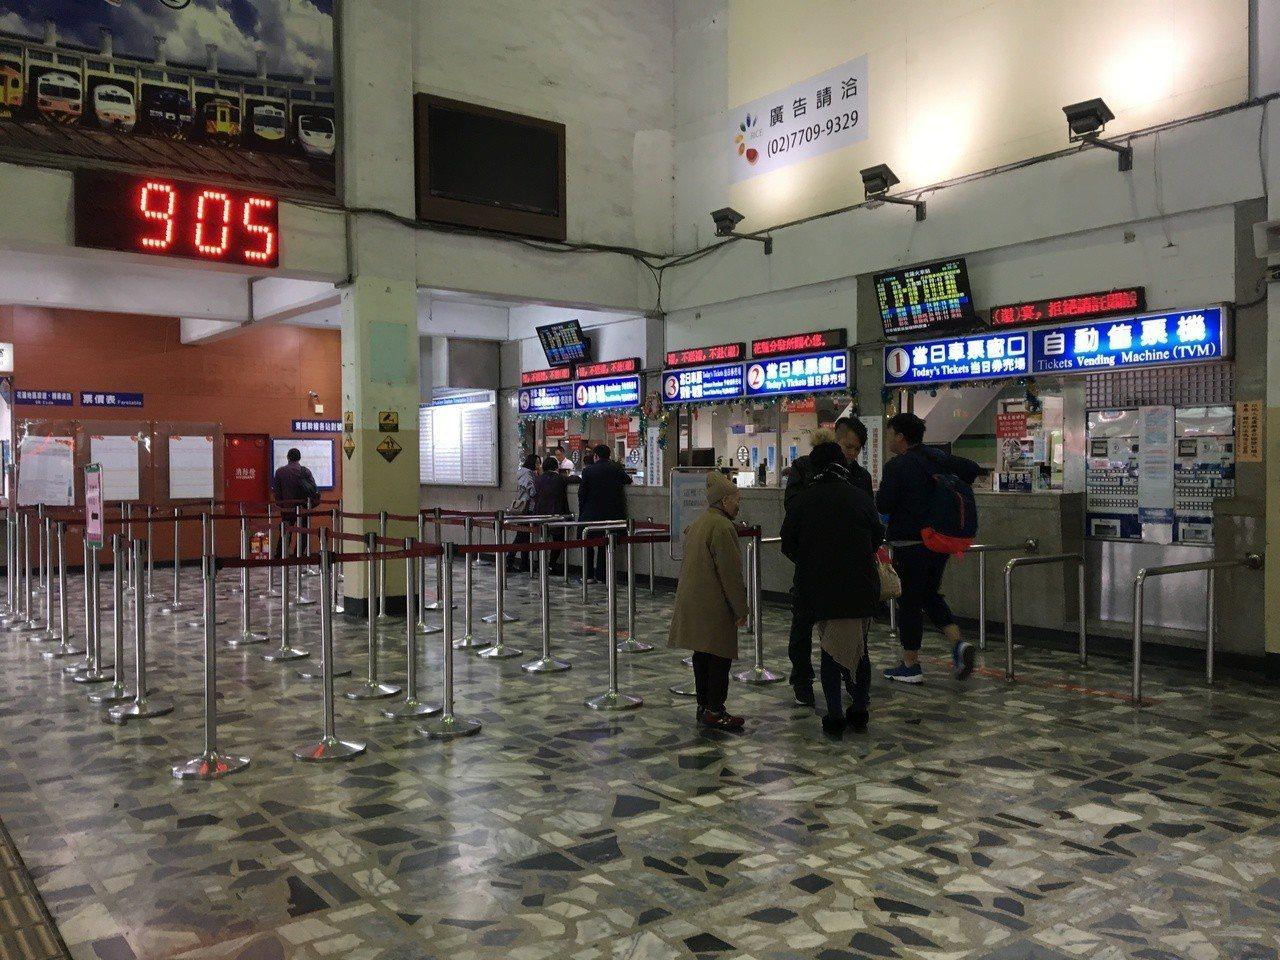 花蓮地震發生後觀光受到影響,花蓮火車站也出現空蕩蕩的狀況。圖/本報資料照片